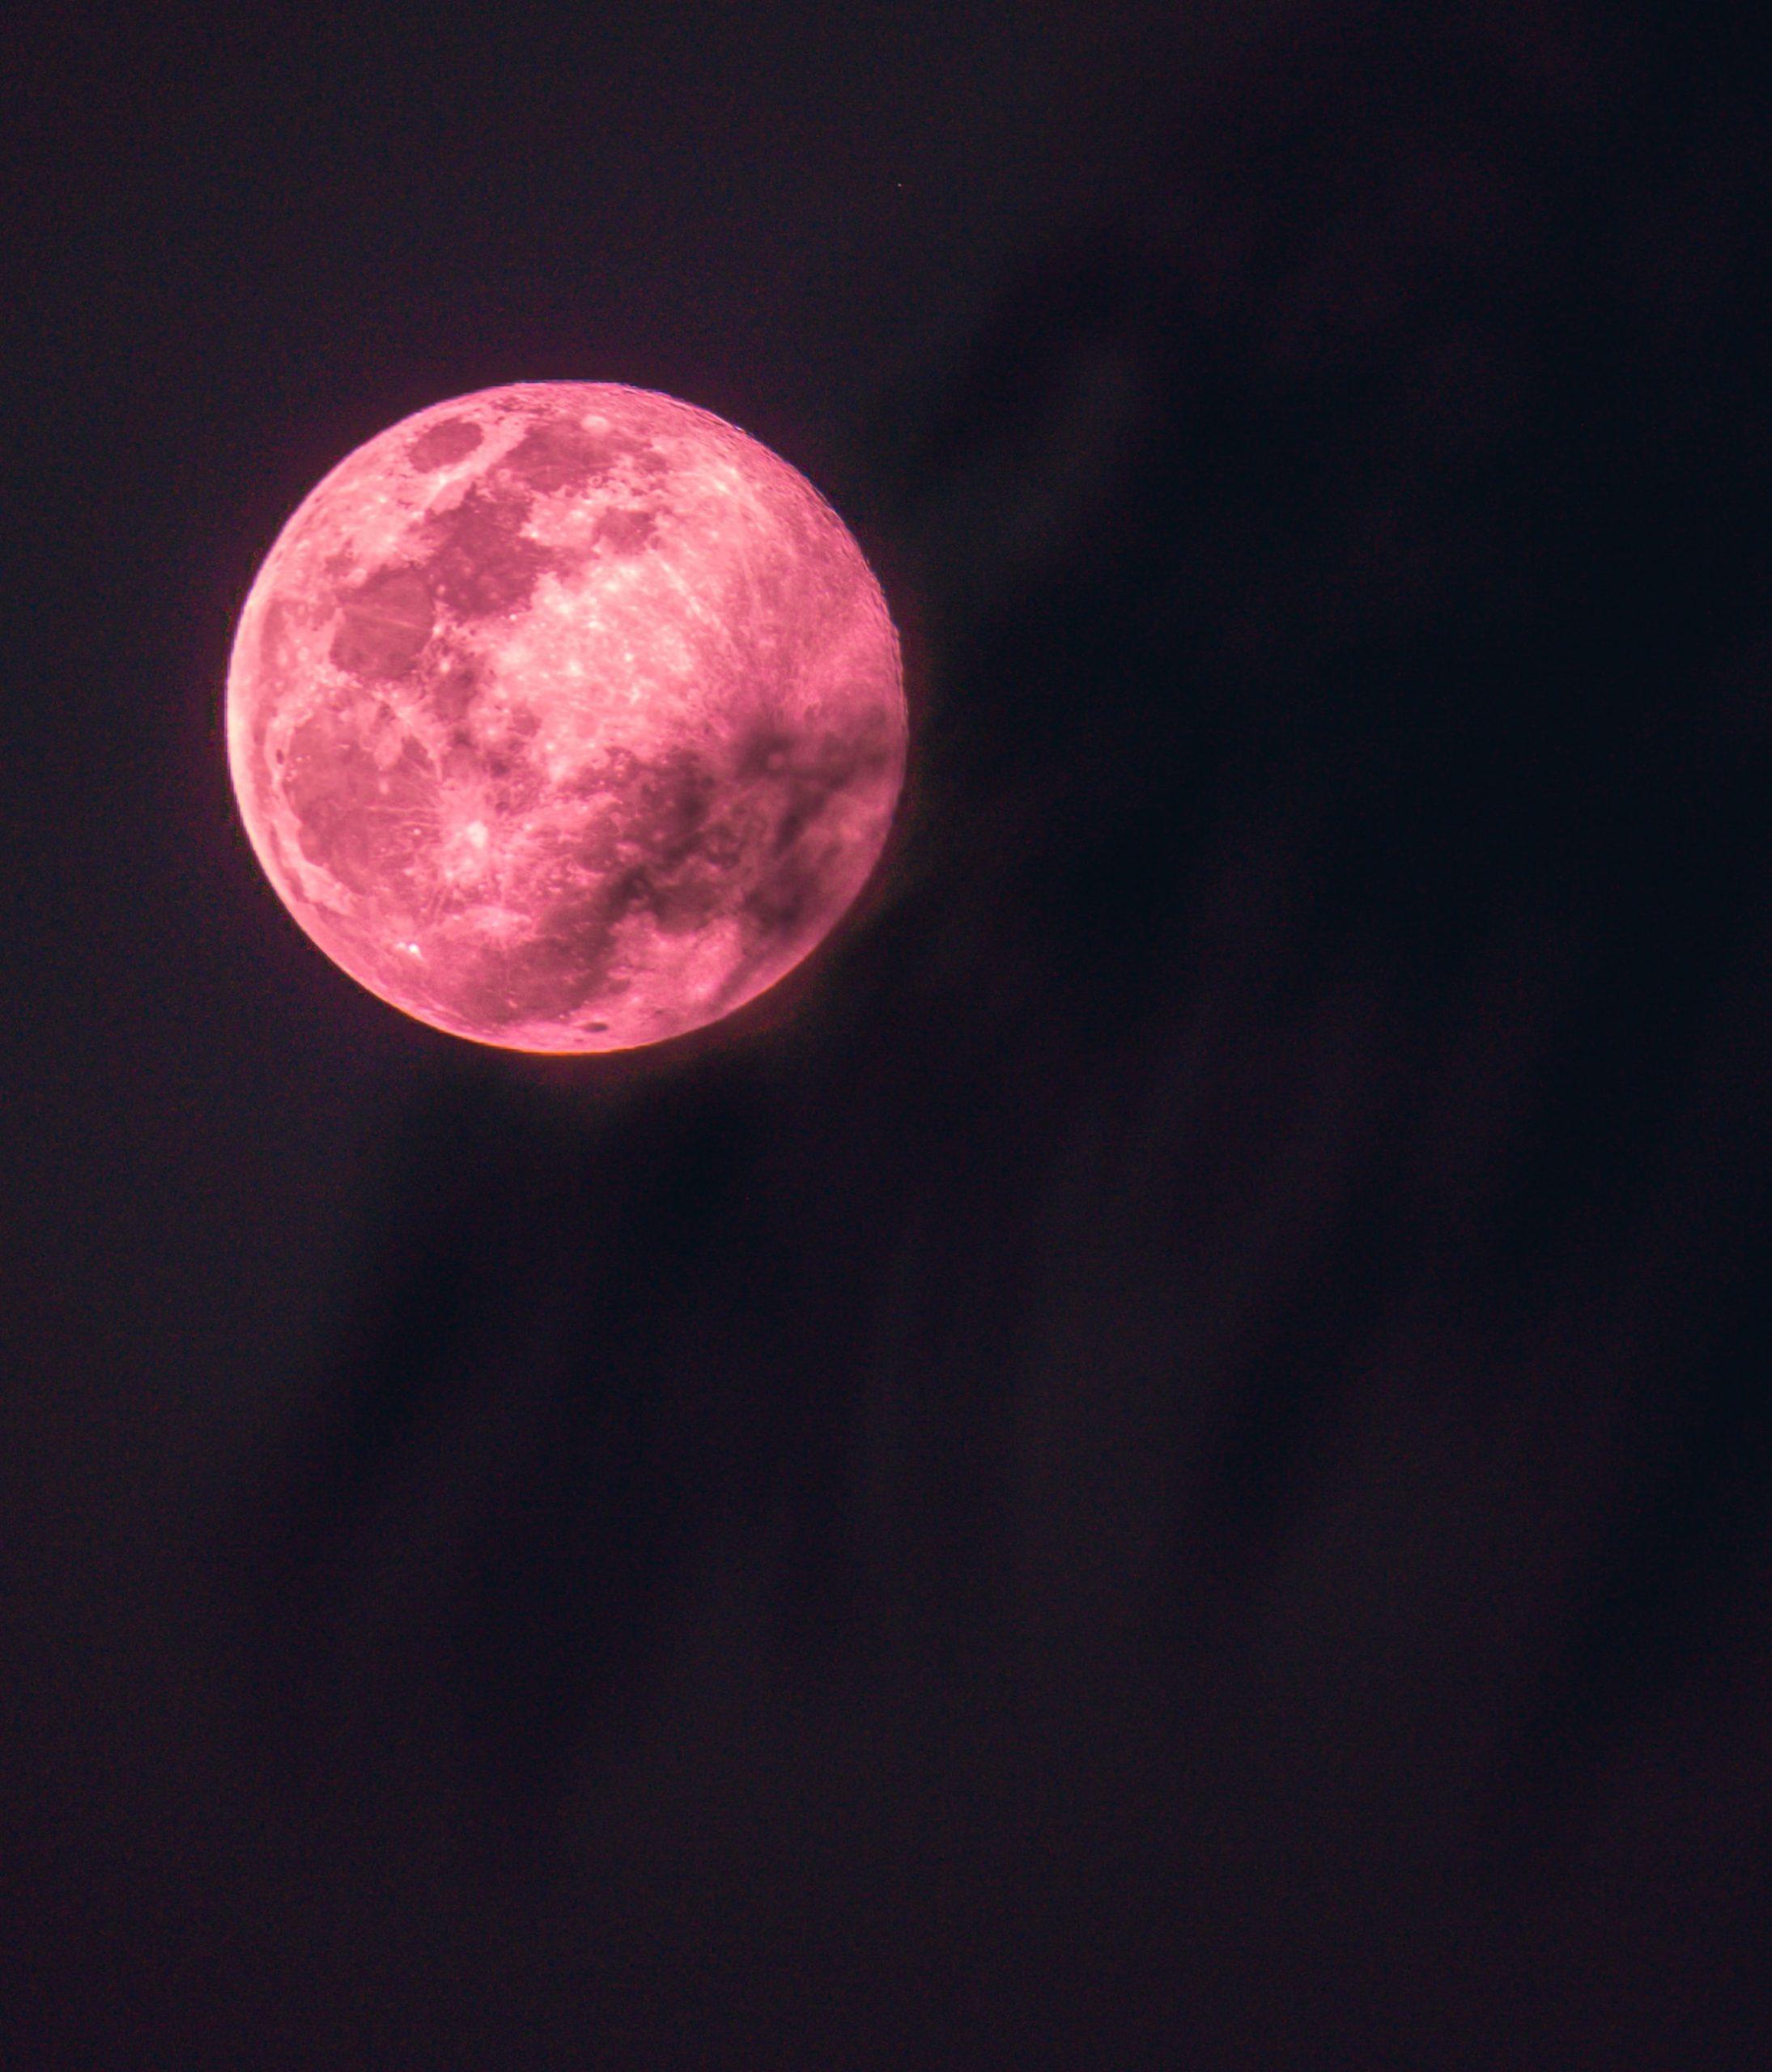 водолија полна месечина хороскоп